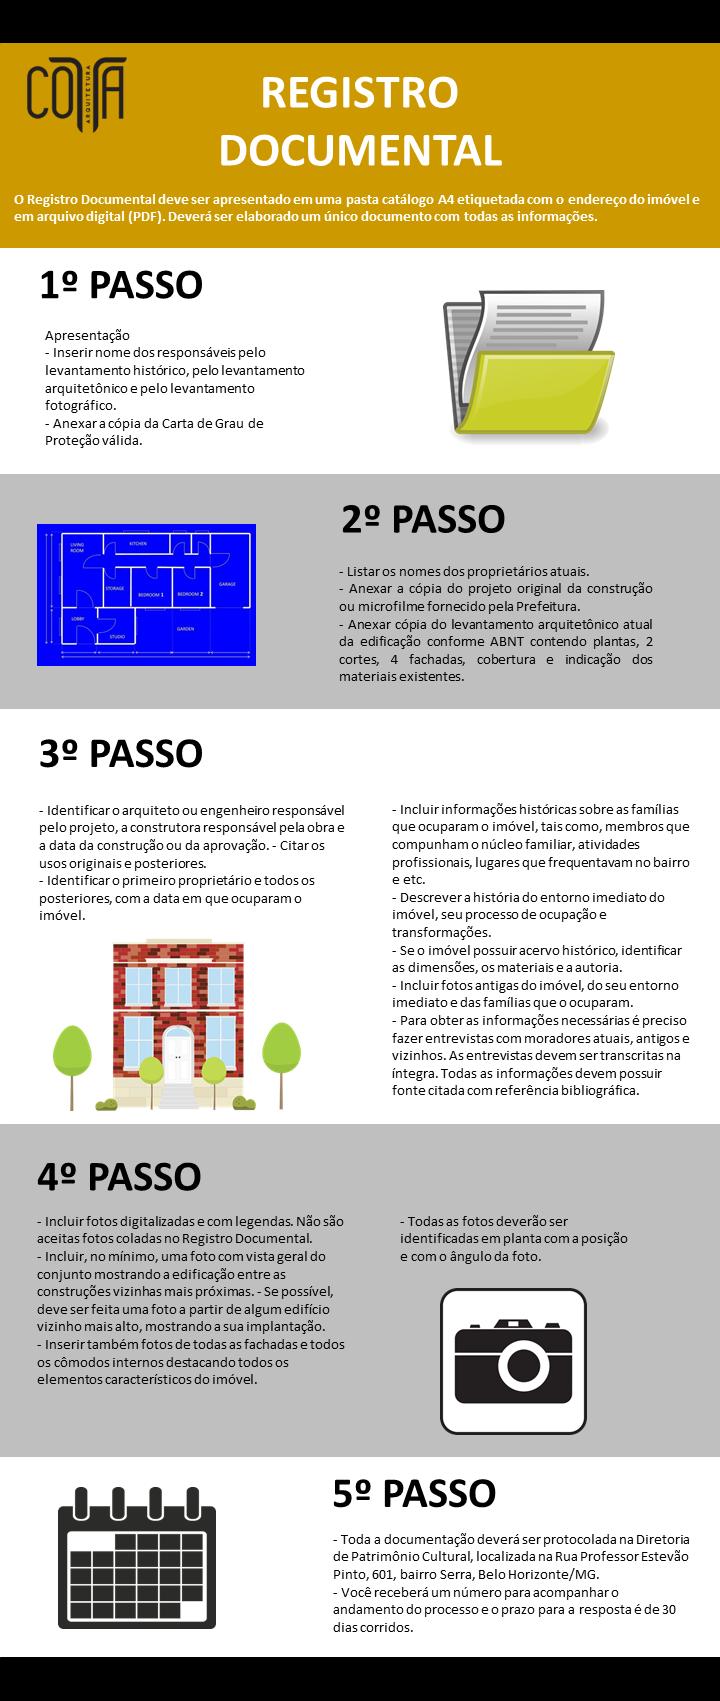 Infografico Registro Documental passo a passo